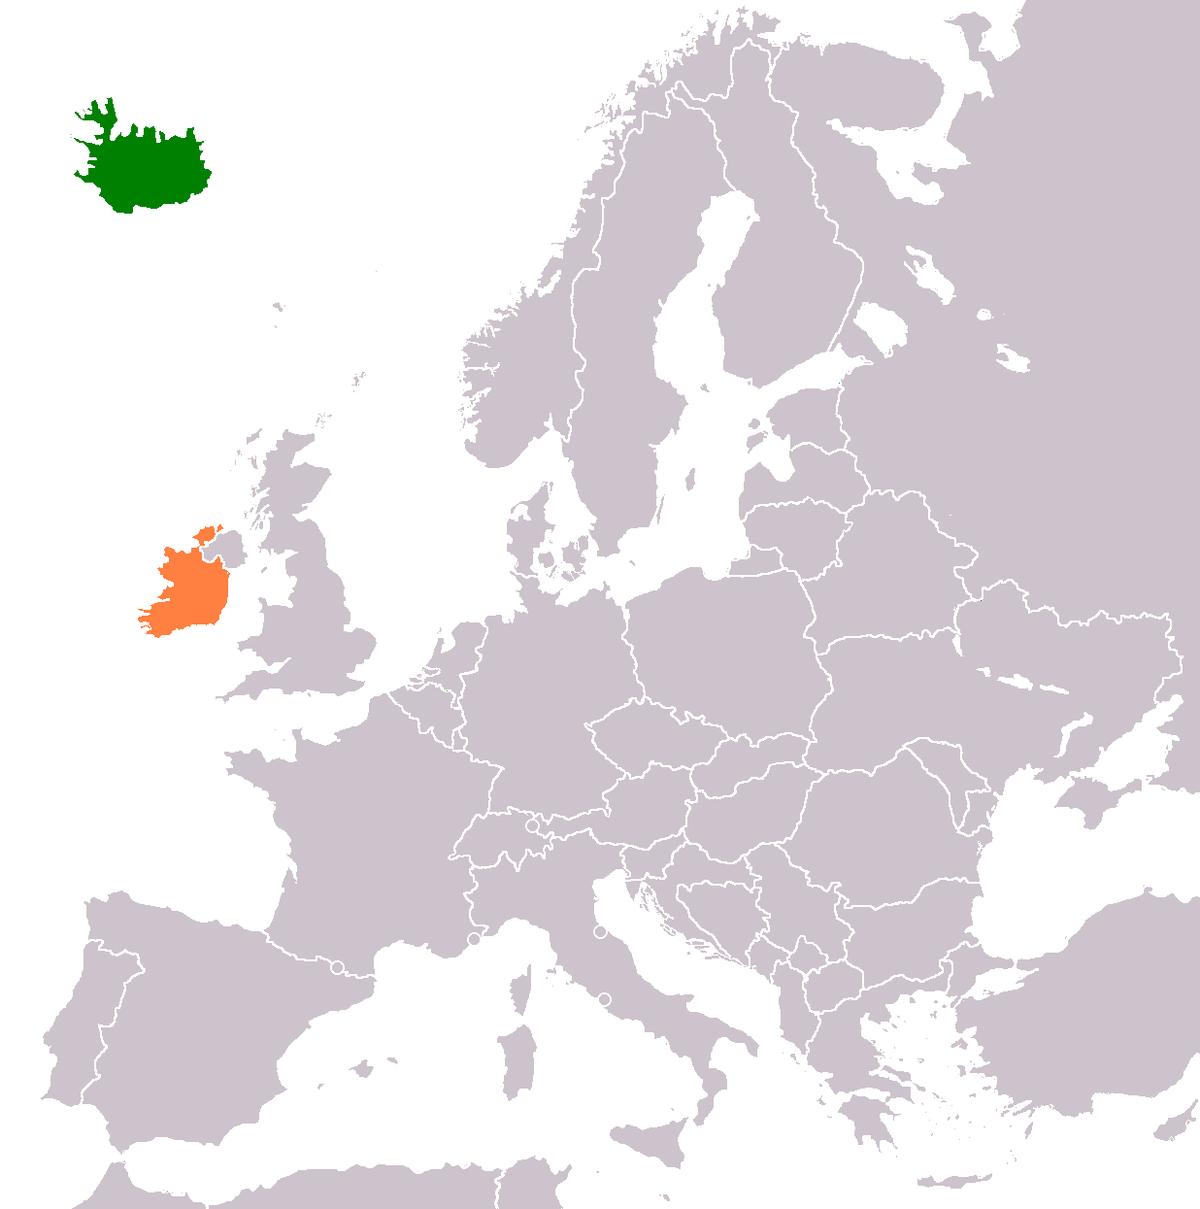 Icelandireland relations wikipedia gumiabroncs Images